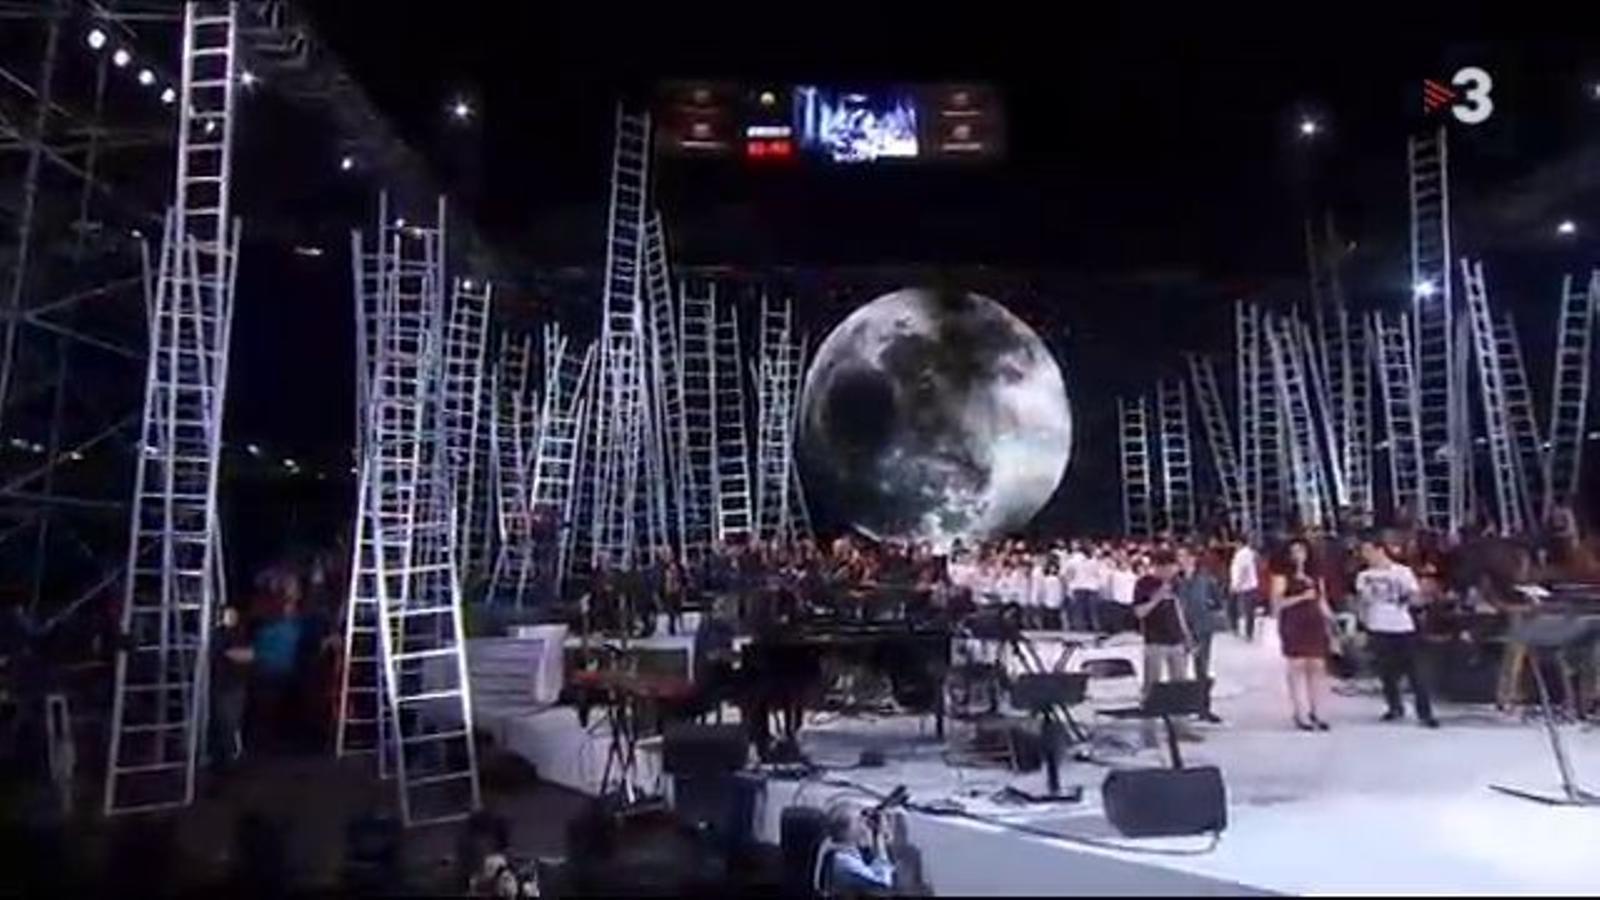 El moment de 'L'estaca', al Concert per la Llibertat